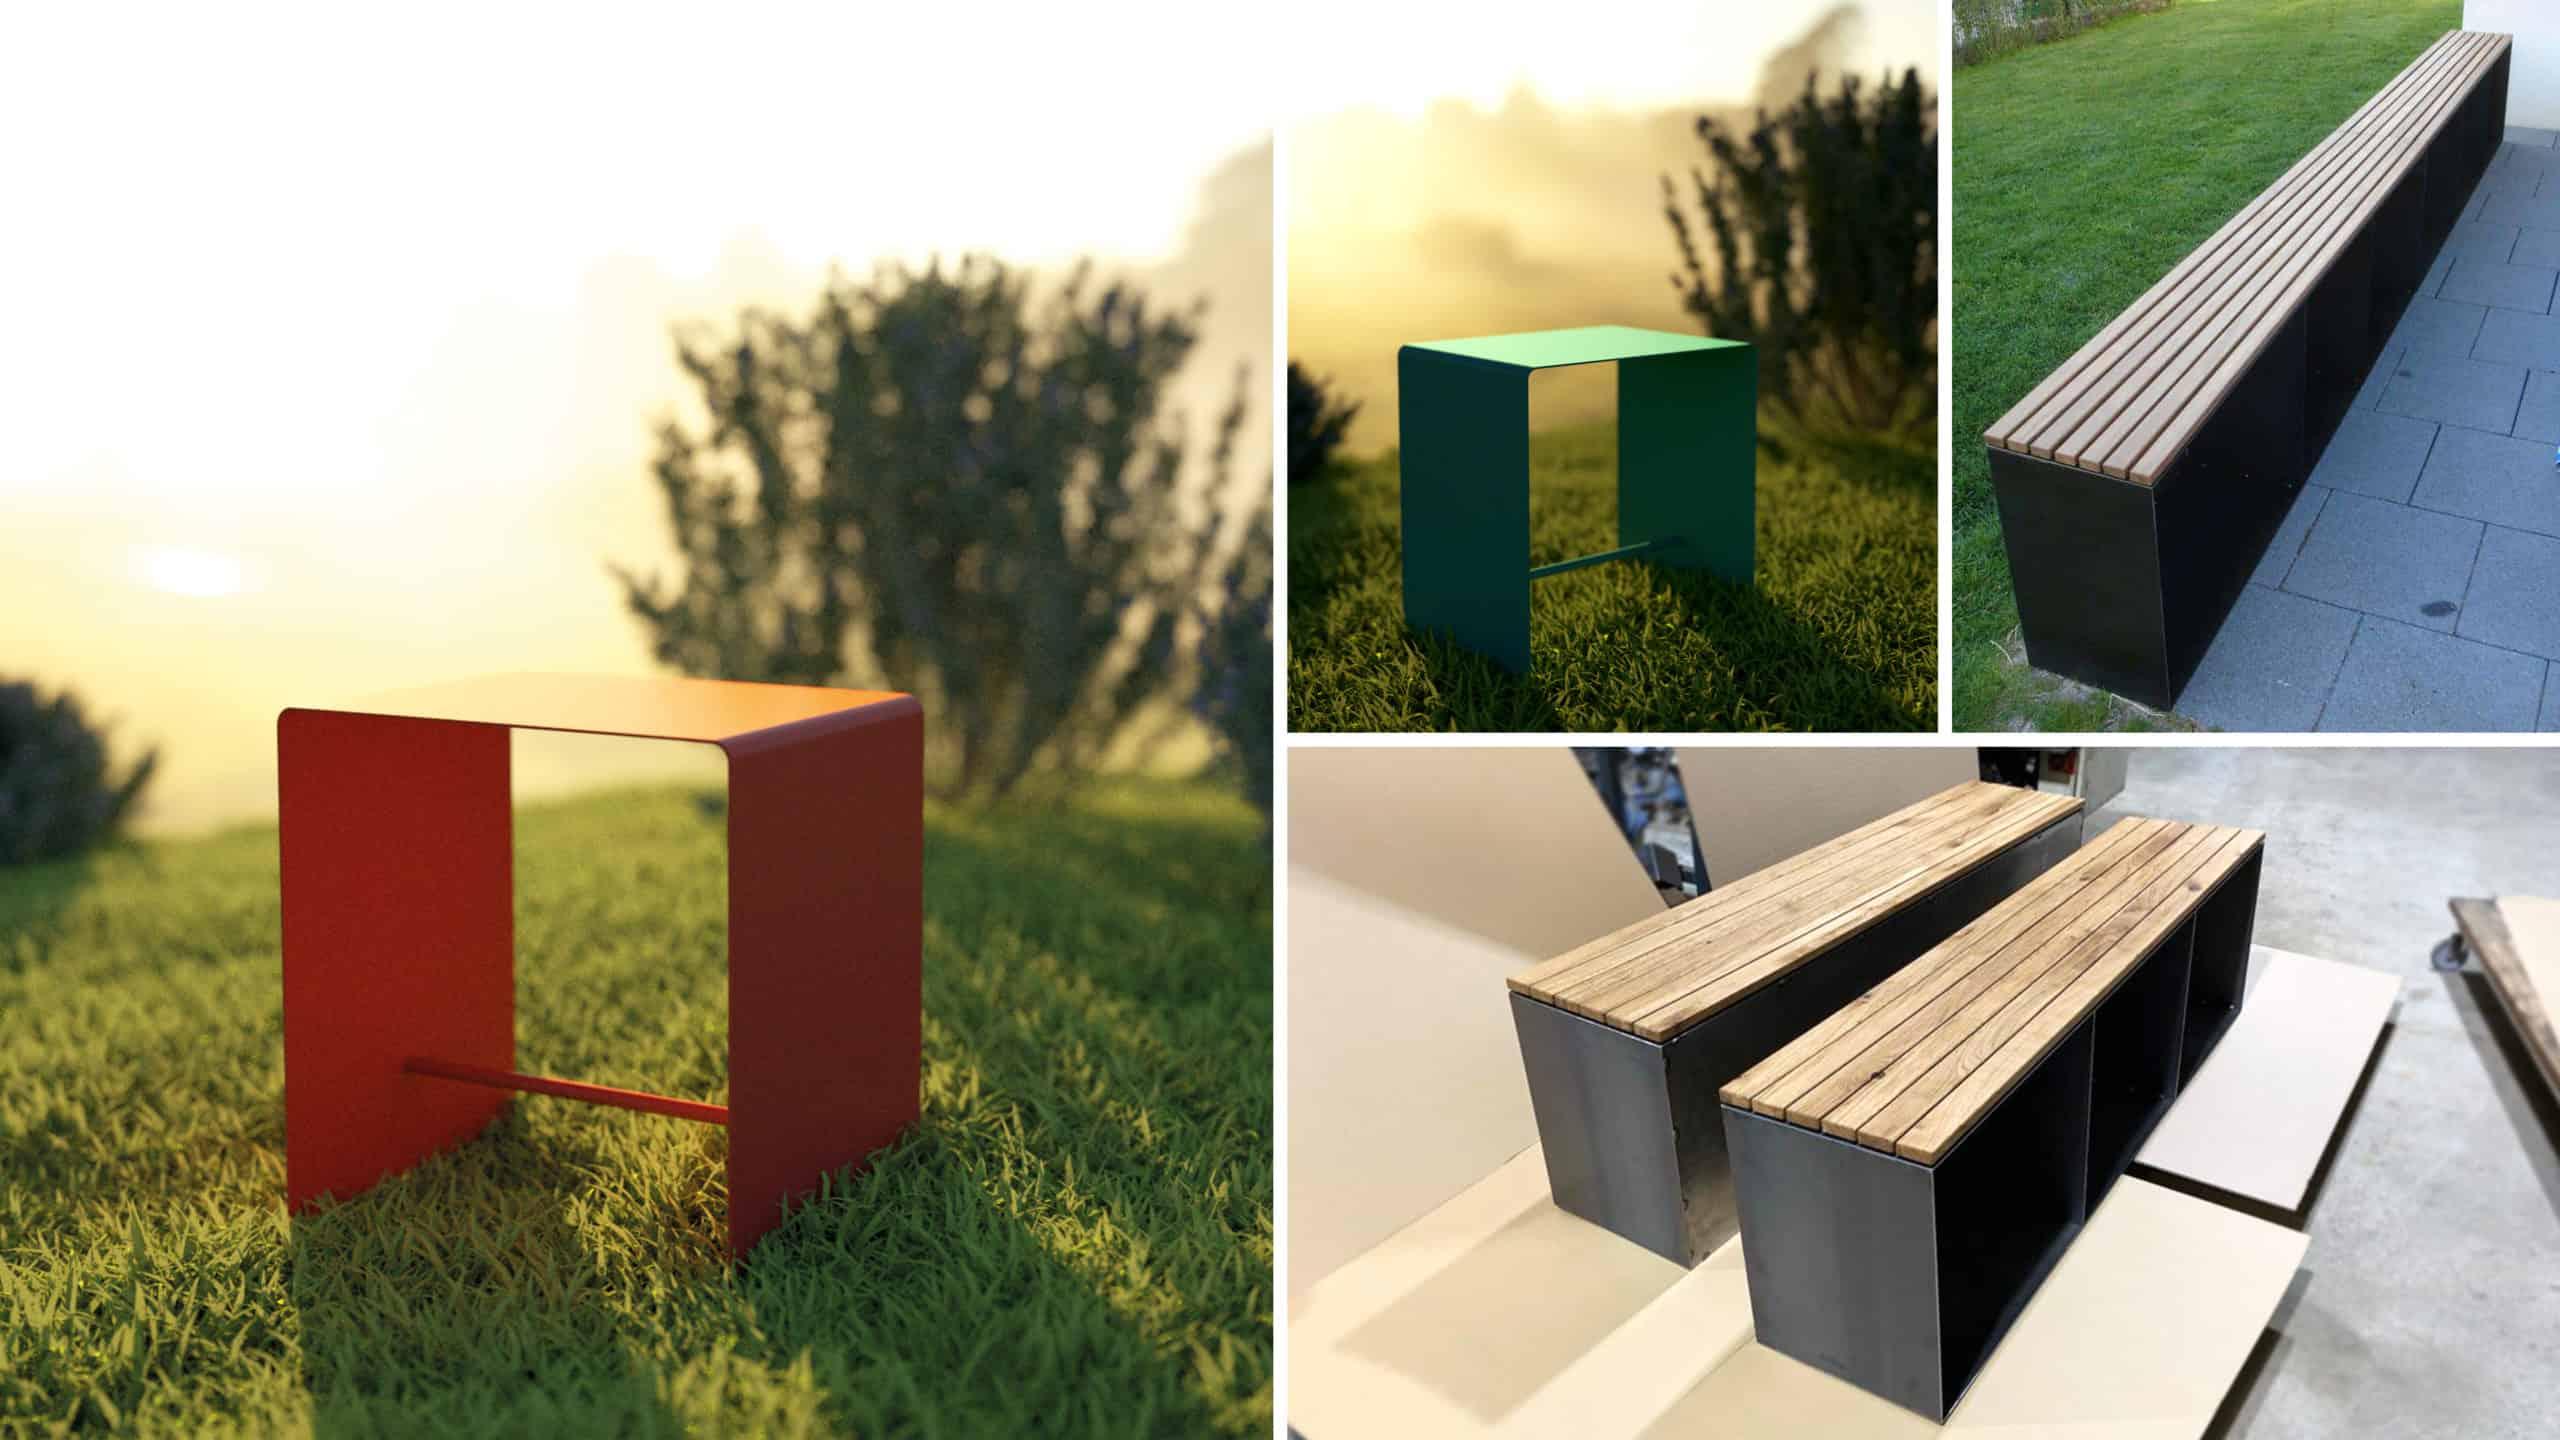 stahlzart-gartenmoebel-gartenbank-gartenhocker-garten-balkon-holz-metall-schwarz-grau-eiche-modern-design-wildeiche-massivholz-stahl-rot-gruen-blau-beige